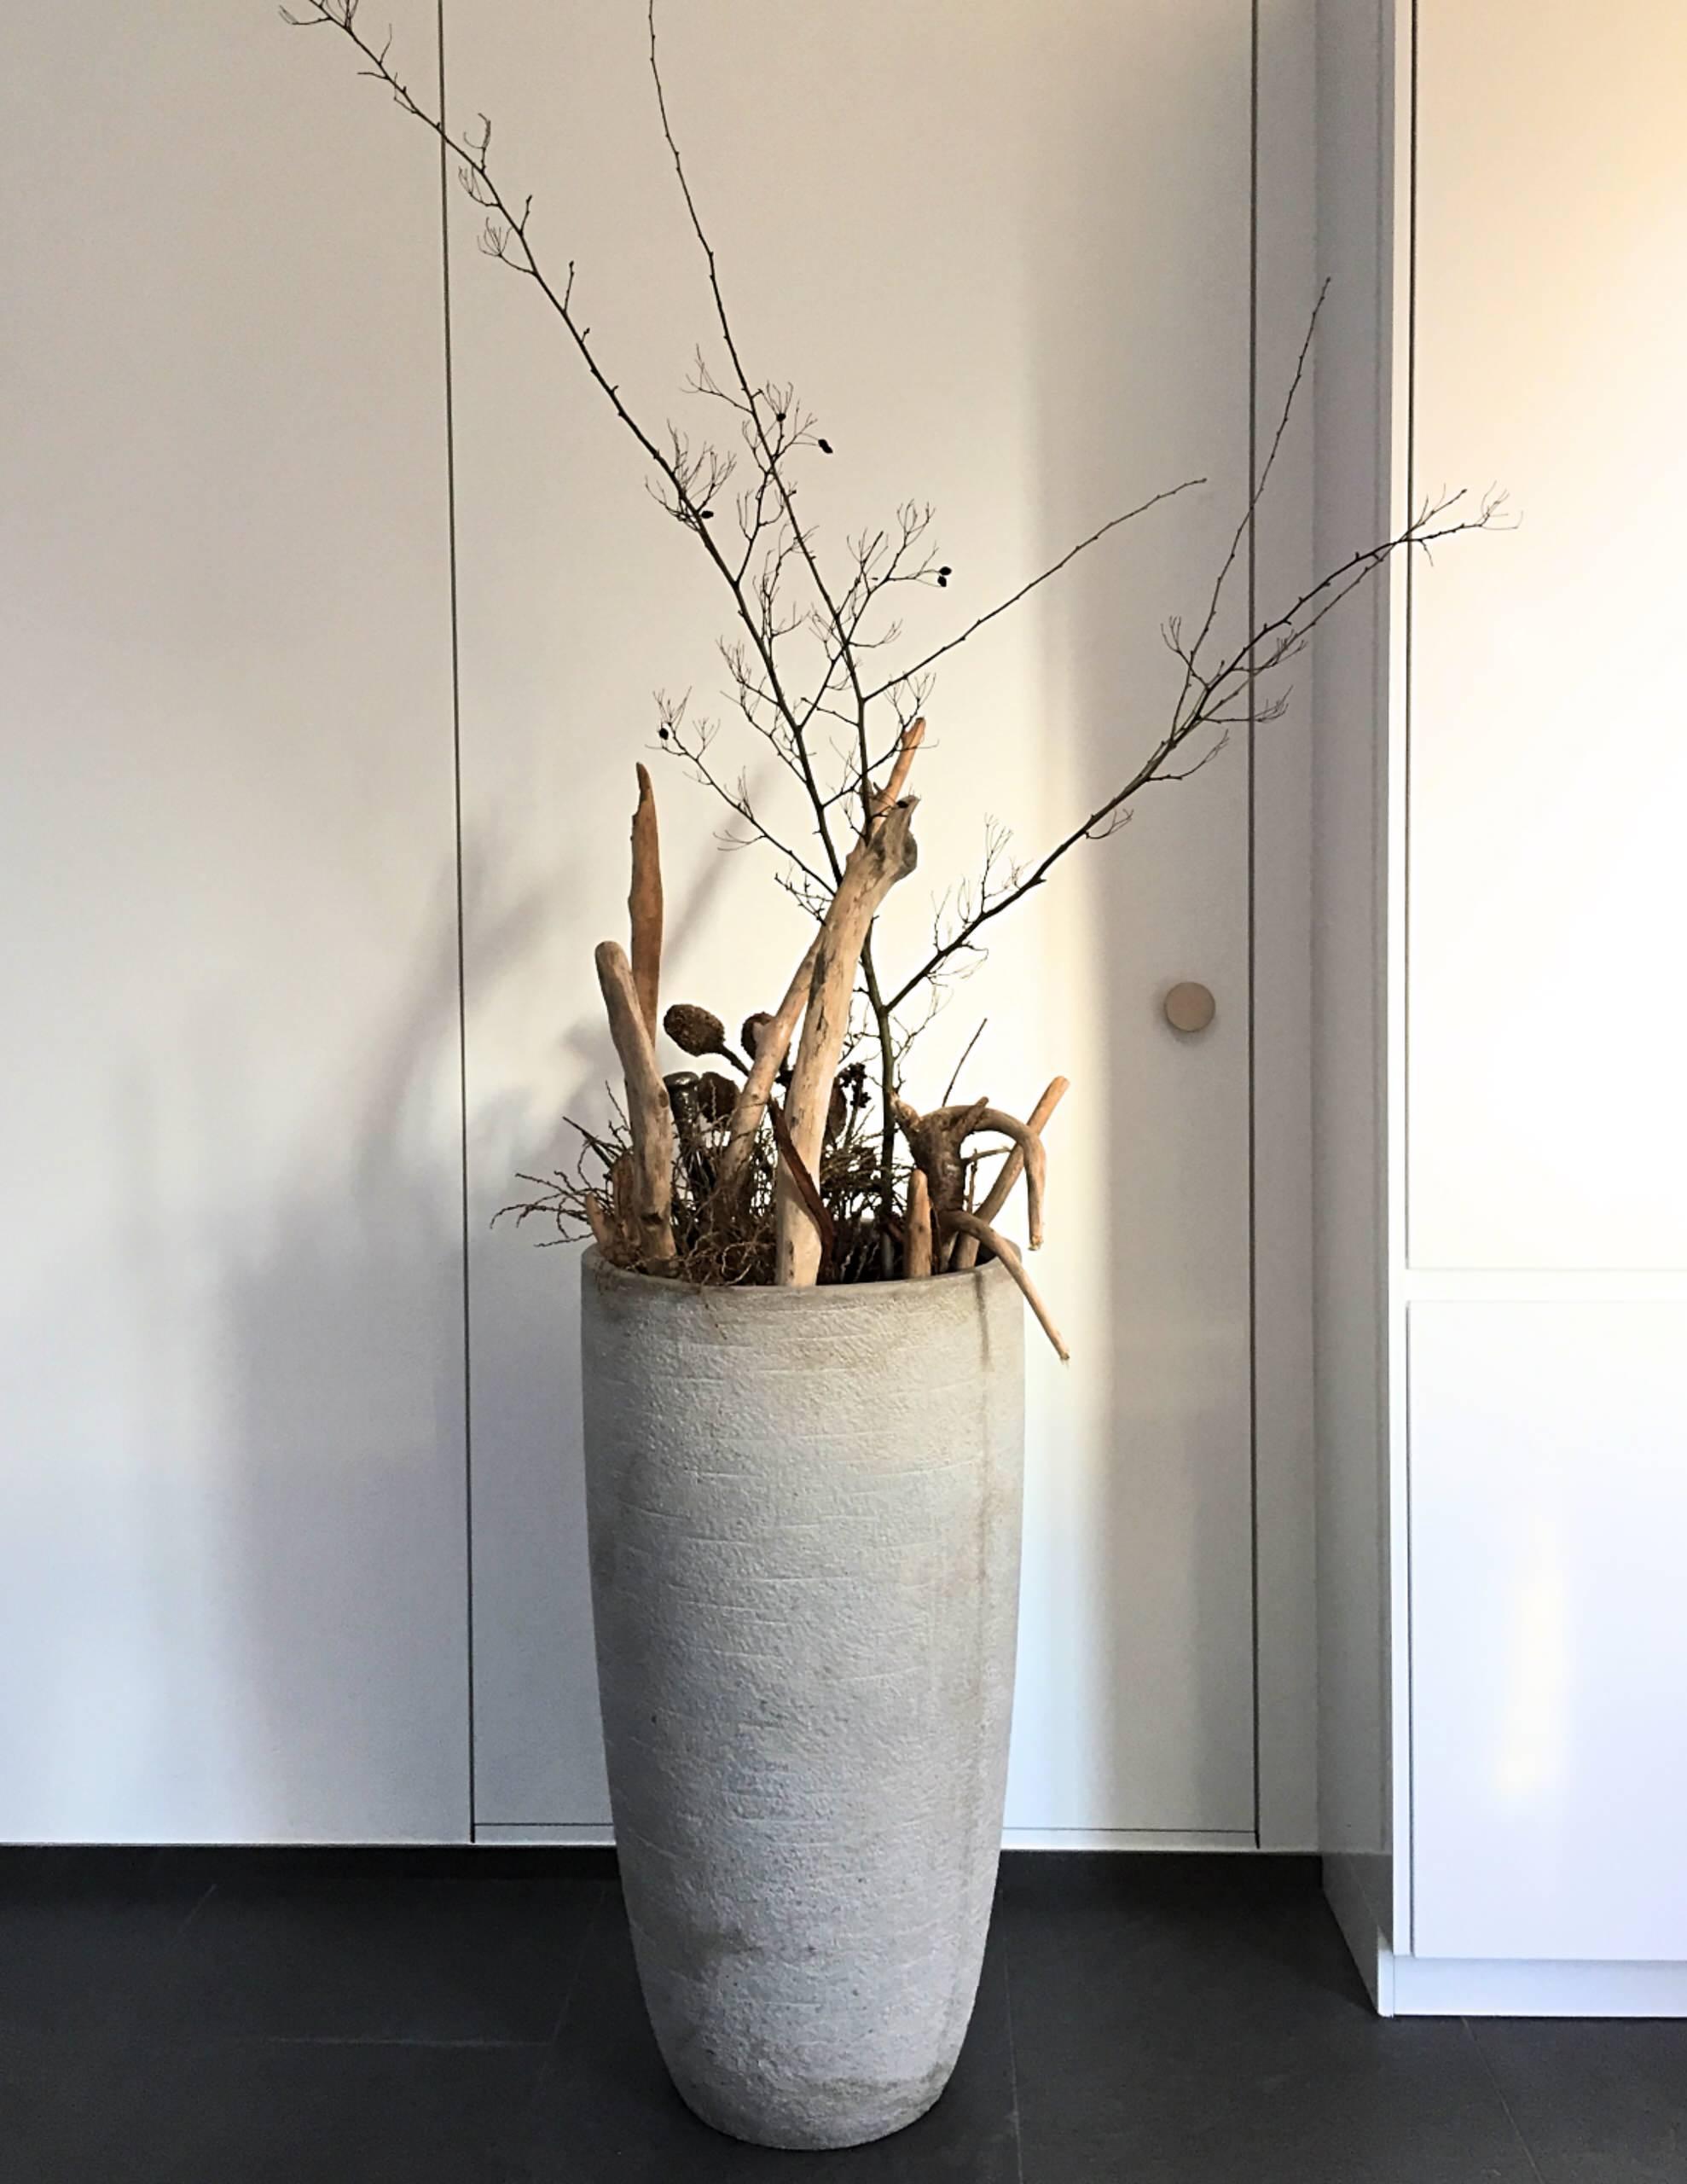 Solitärobjekt, Betonkübel mit Treibholz in einer großen Küche